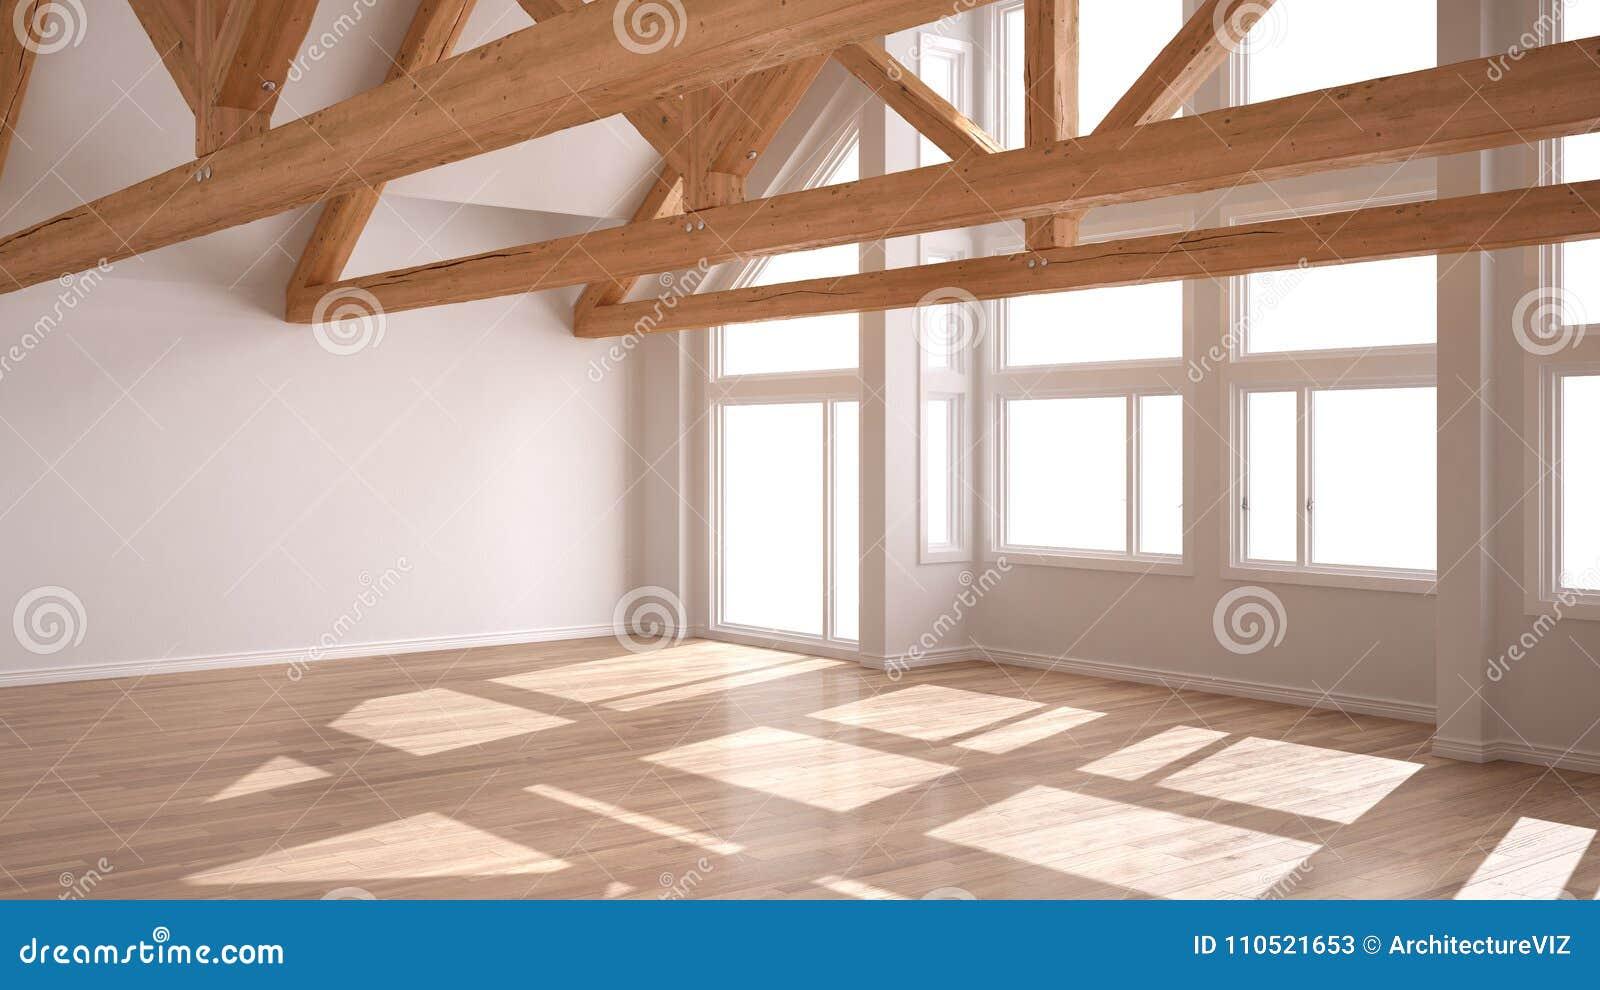 pi ce vide dans la maison de luxe d 39 eco le plancher de parquet et le toit en bois tr. Black Bedroom Furniture Sets. Home Design Ideas